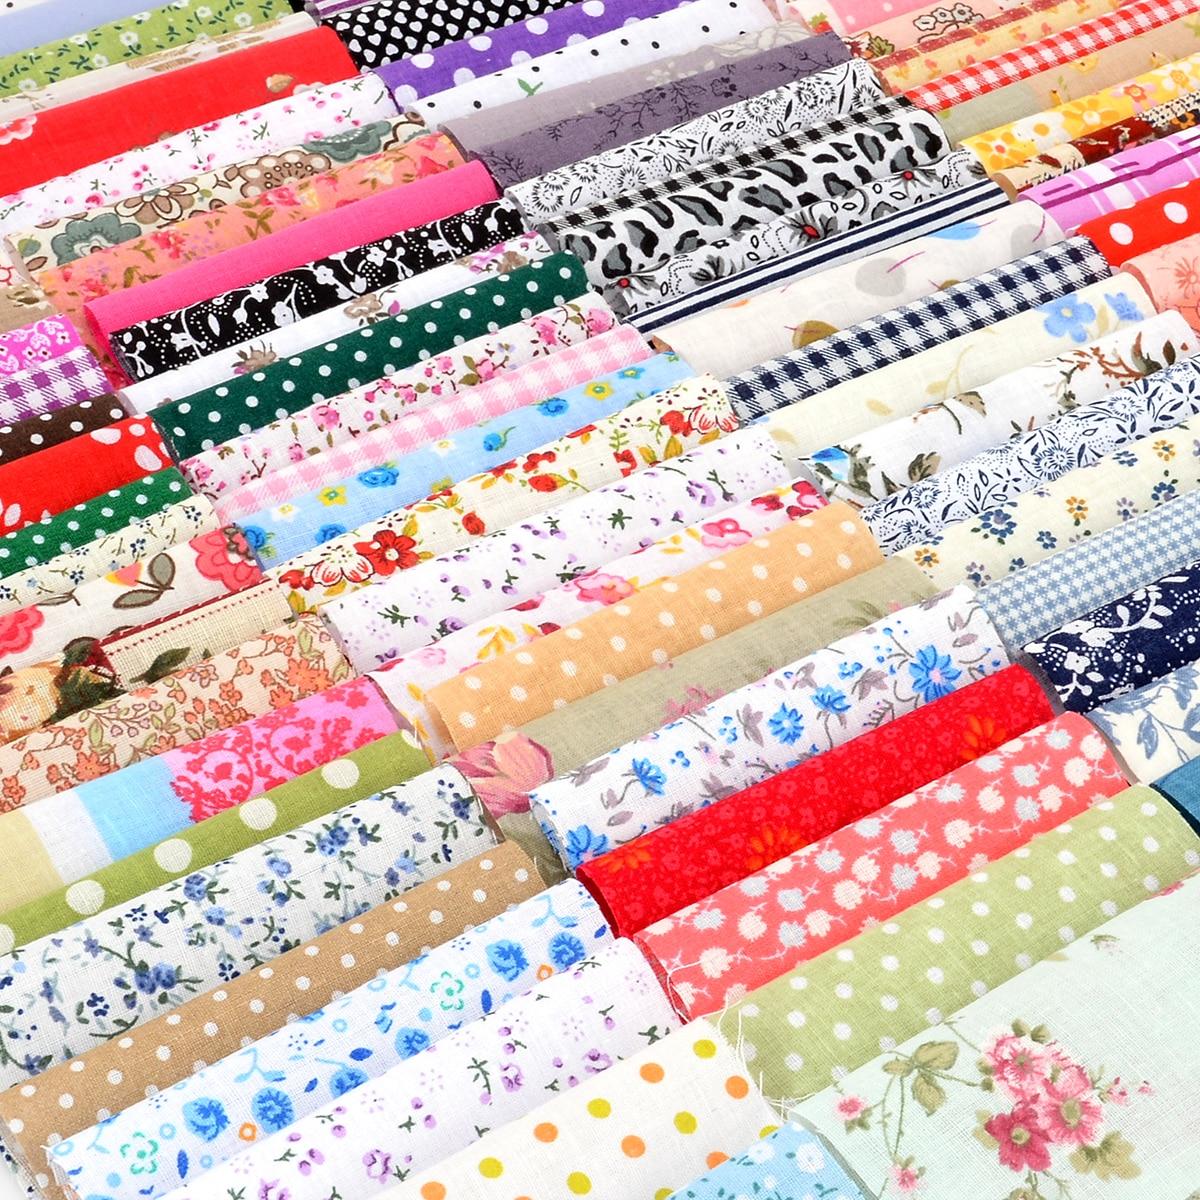 100 шт. DIY Швейные кукла лоскутное шитье ткань для пэчворка матерчатые мешки 10x10 см квадратный цветочный из хлопчатобумажной ткани ремесла